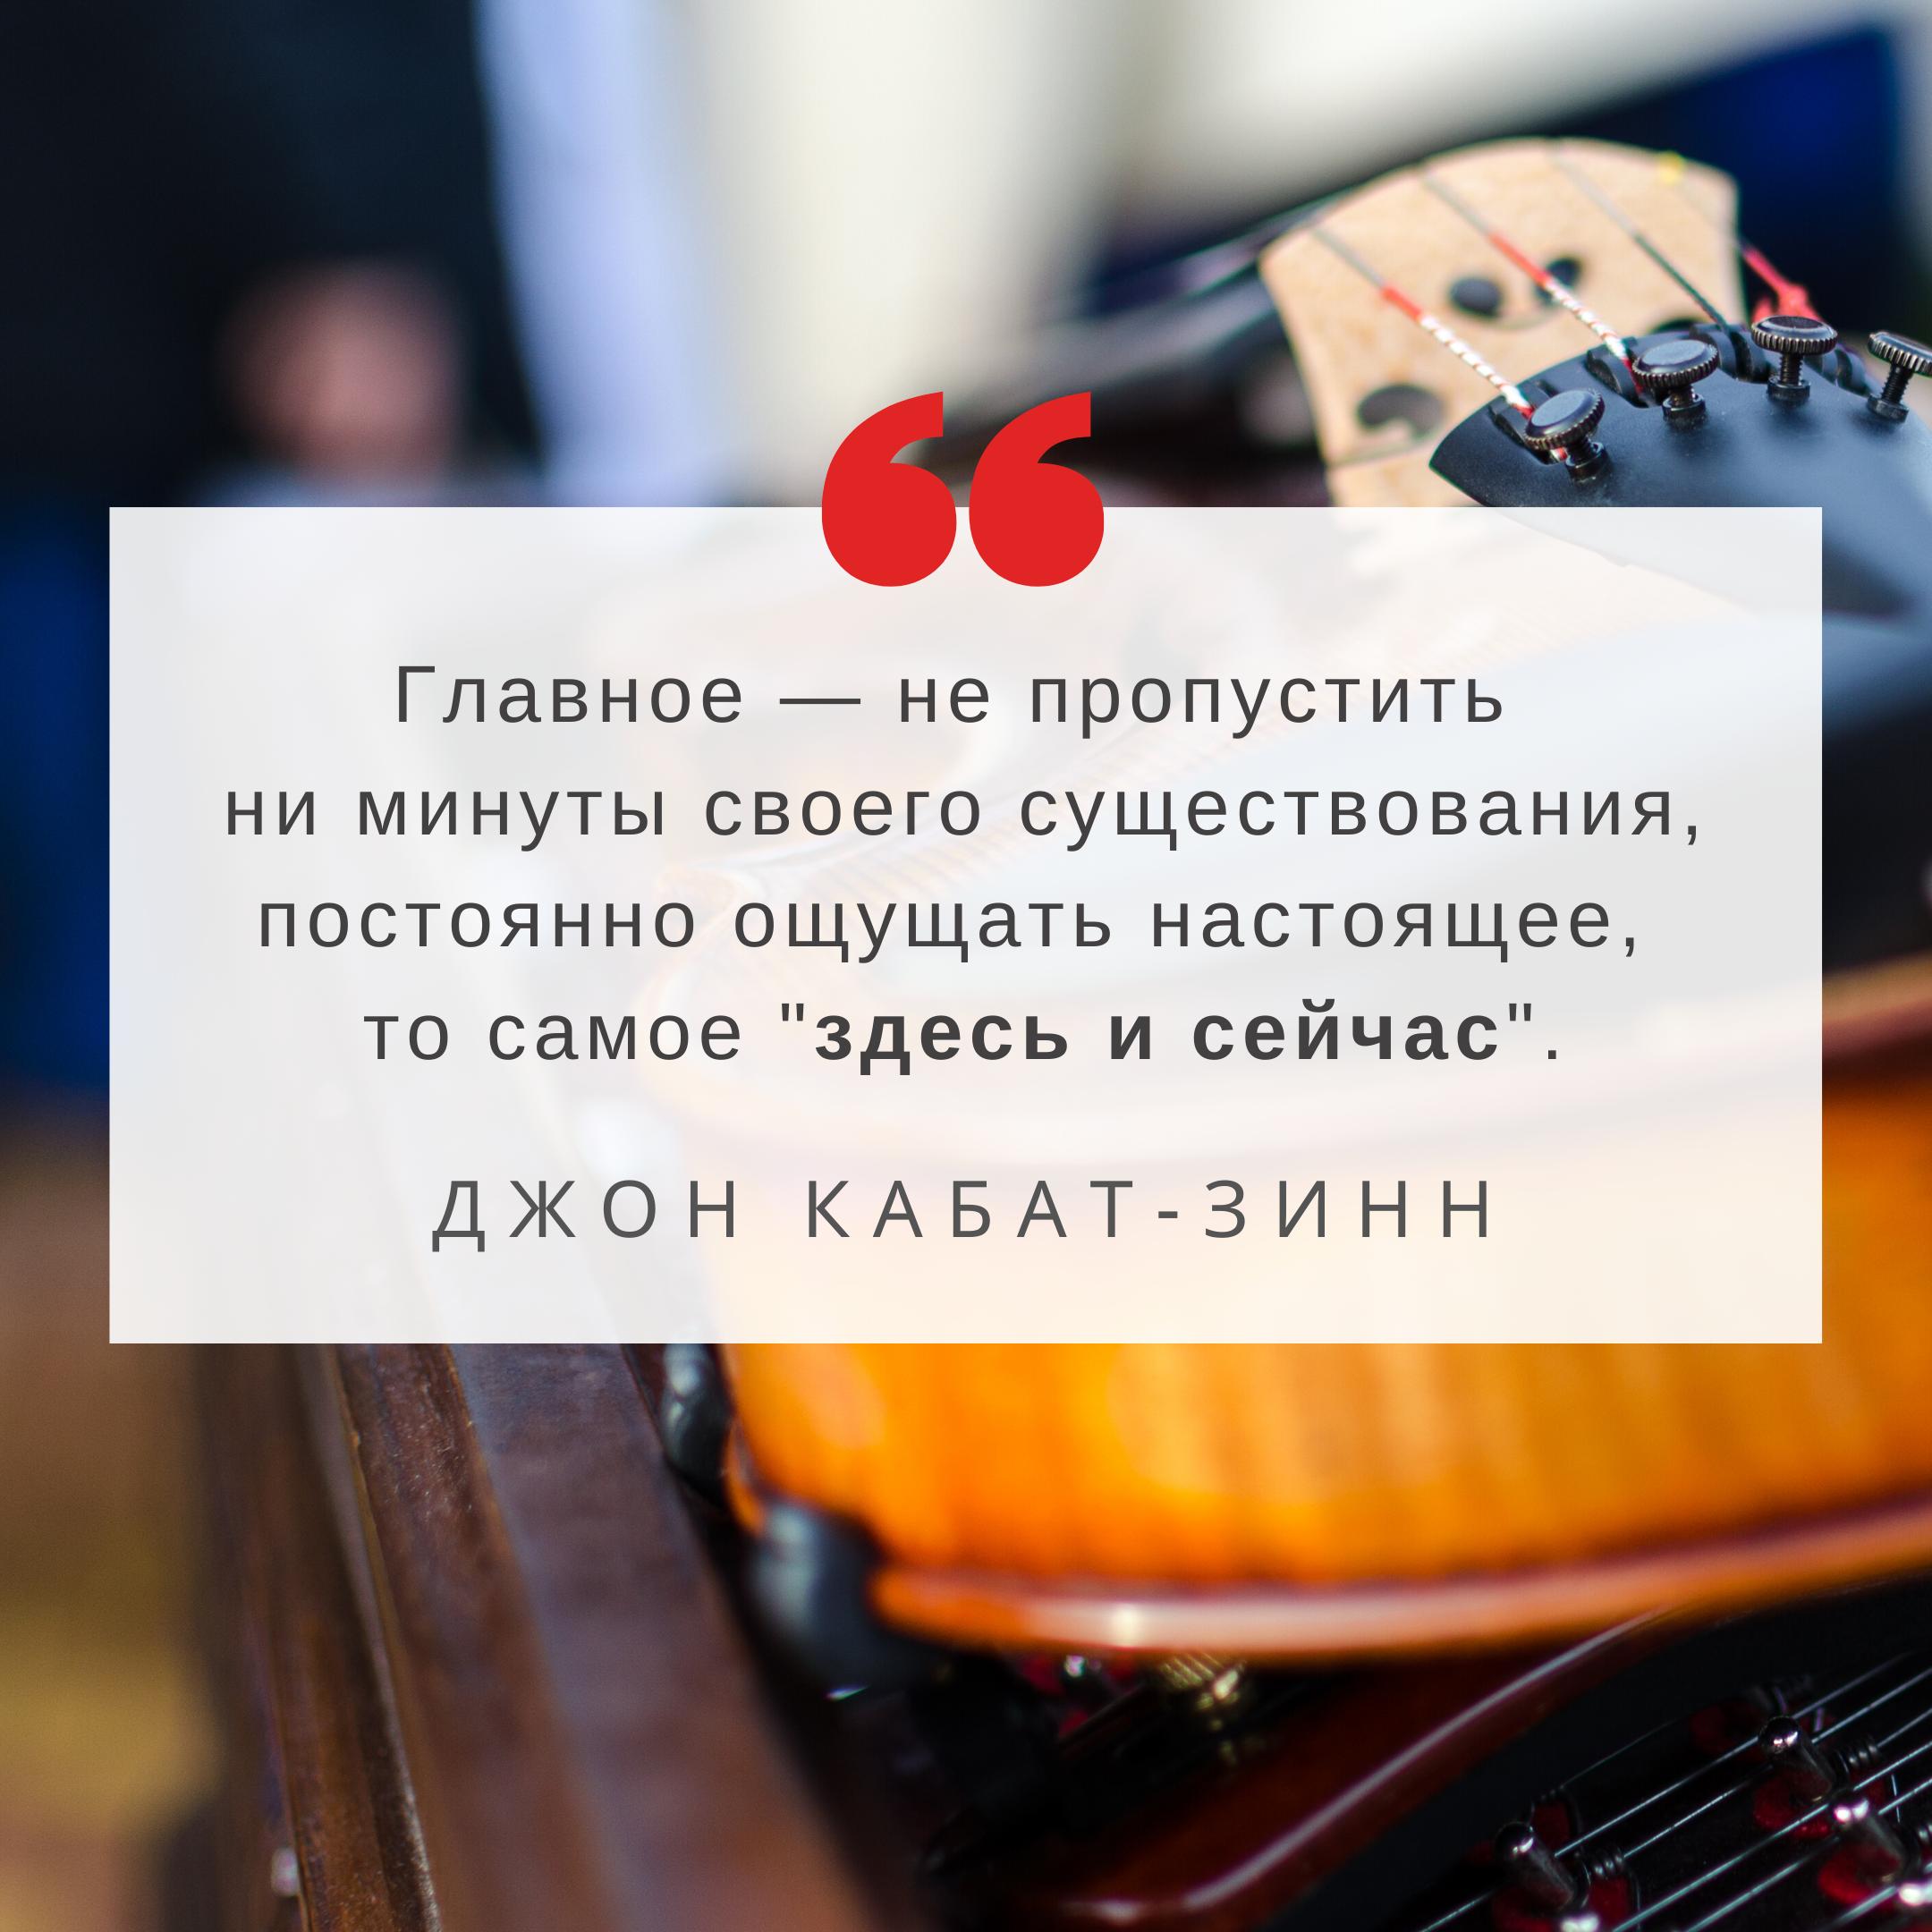 кабат-зинн цитаты